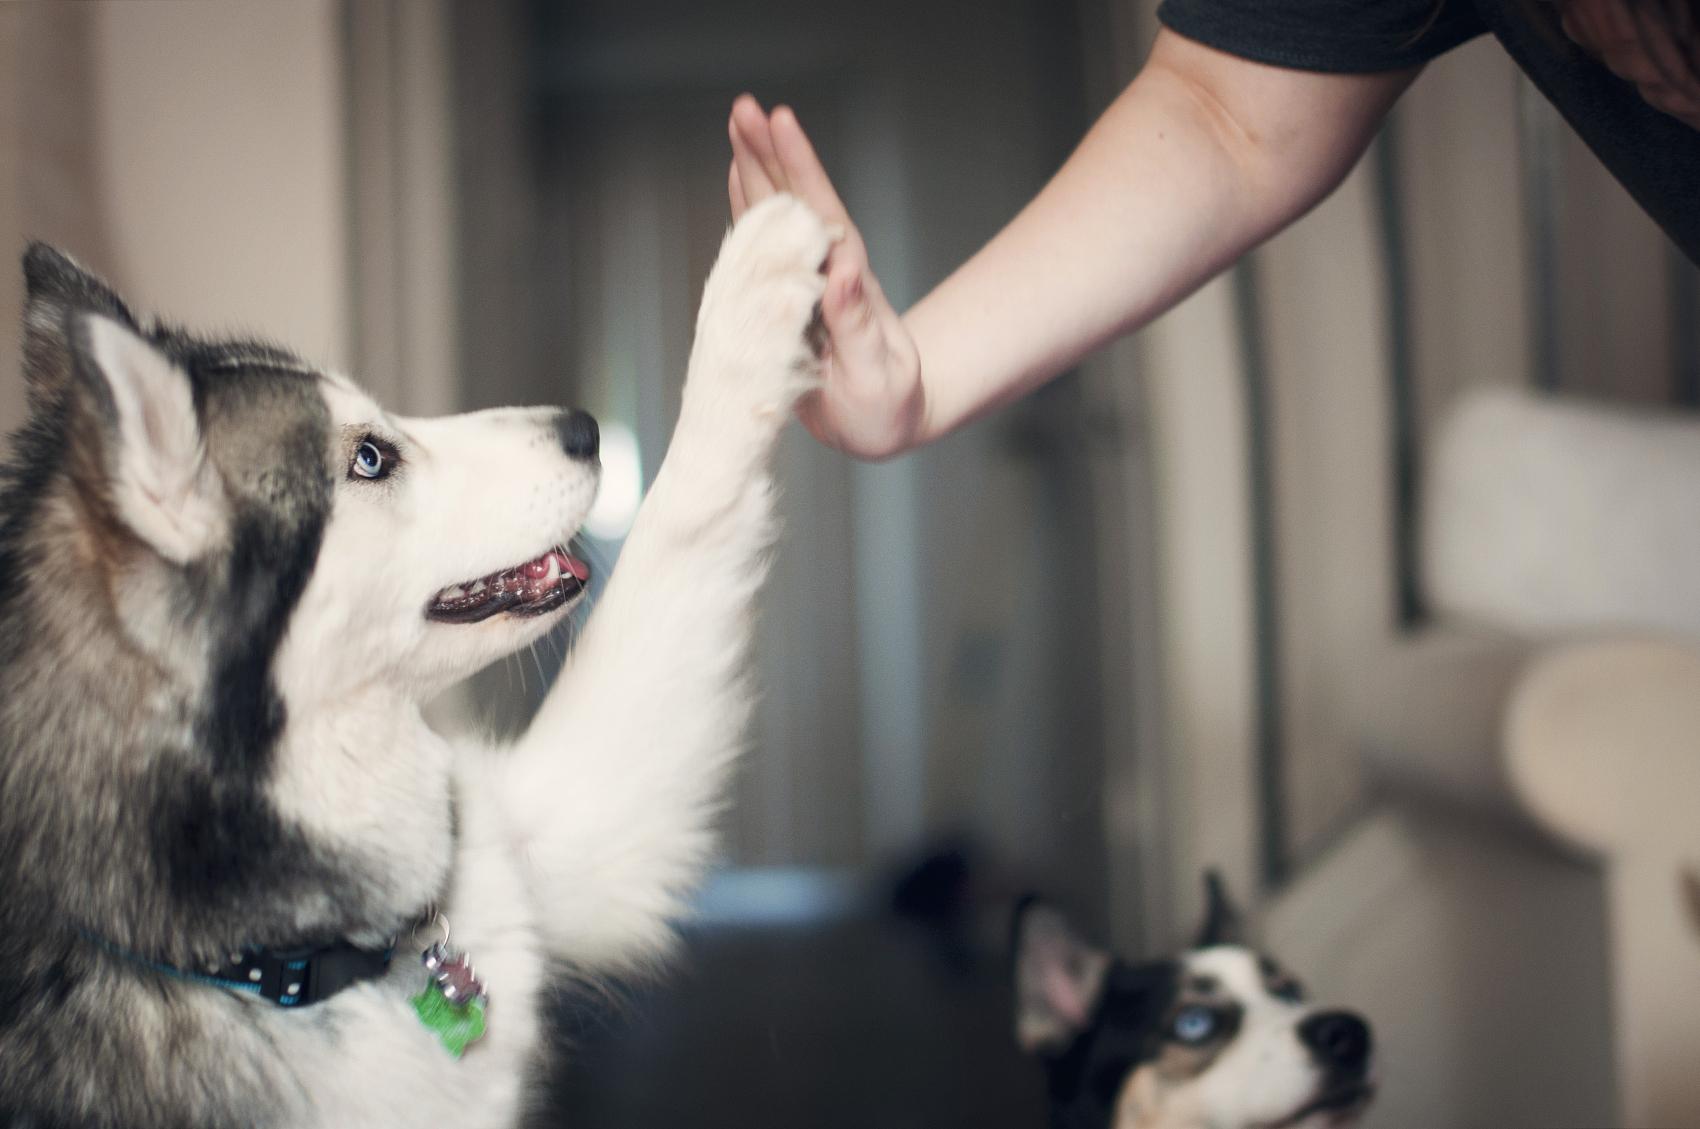 高瓴重仓近五年,腾讯、碧桂园携手入局,宠物医疗迎来拐点时刻?